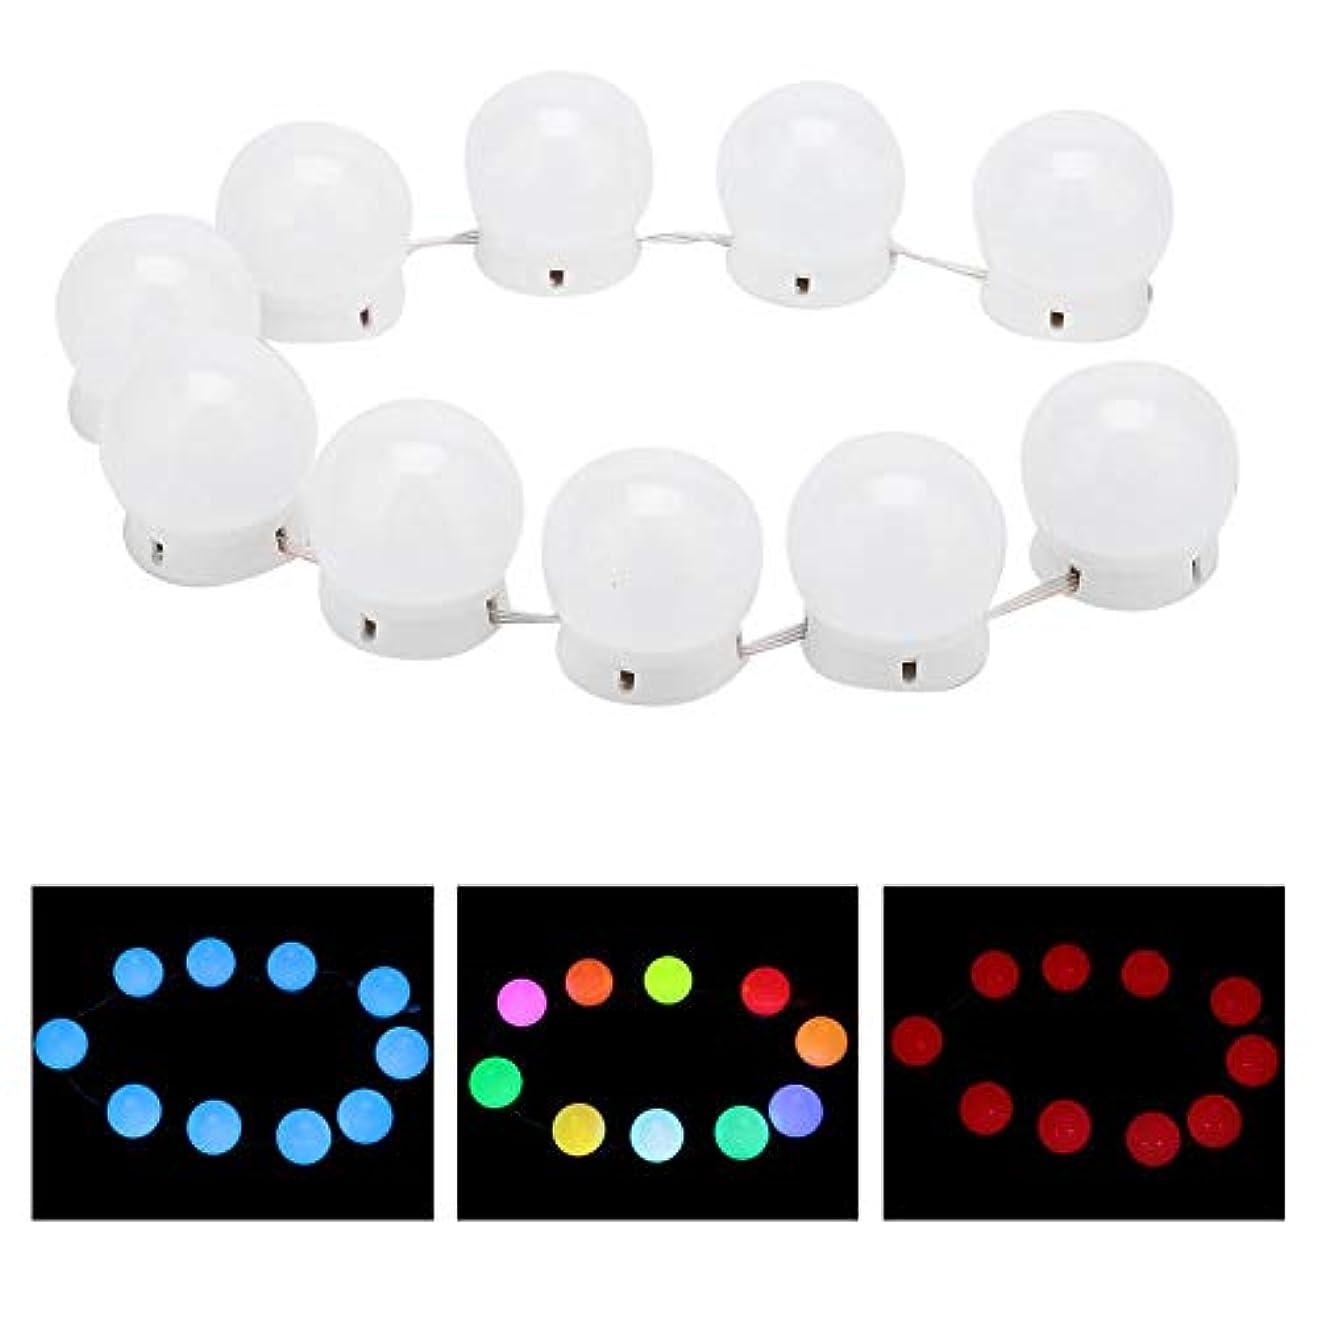 毒液休戦パーティー化粧鏡ラ??イトキット 10 LED付き調 光ライトストリング電球バニティライト化粧鏡に最適 バスルームの照明